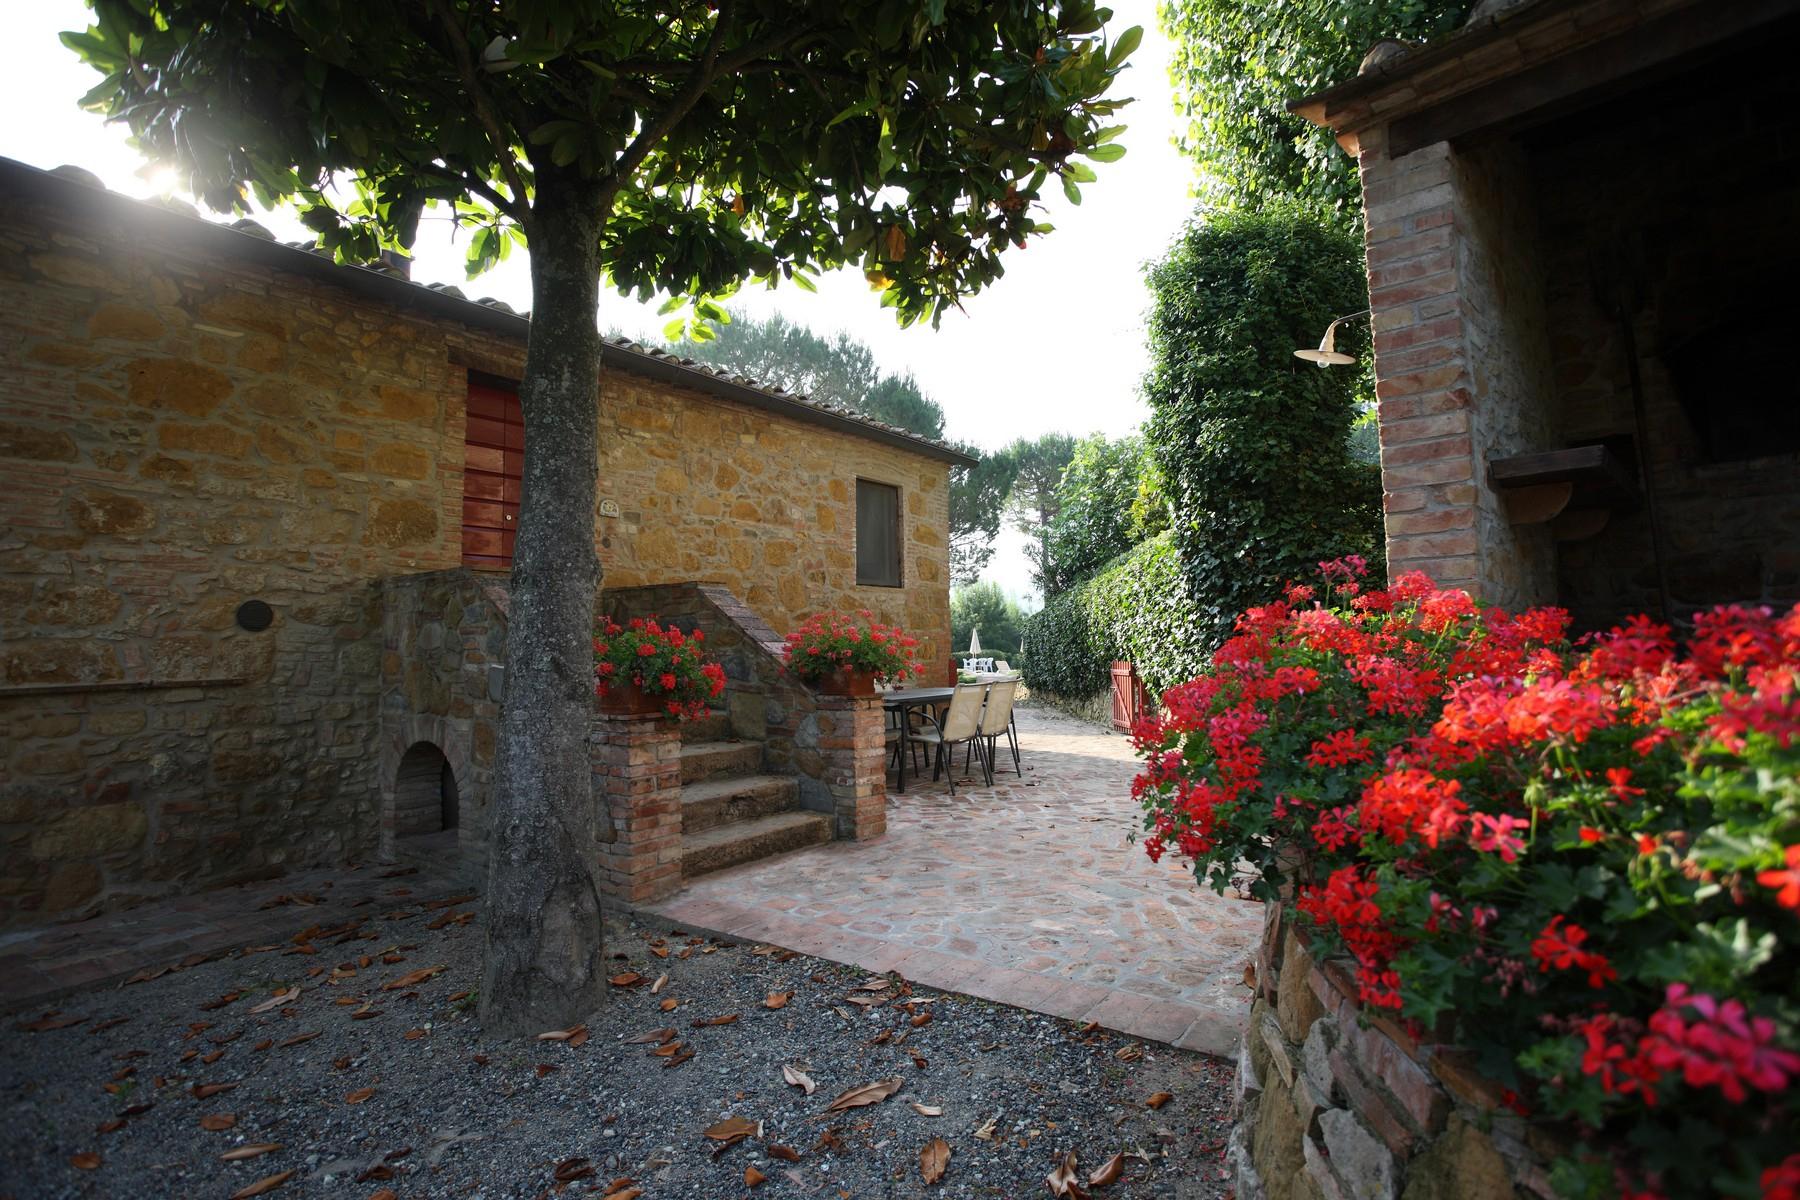 Rustico in Vendita a Montaione: 5 locali, 1200 mq - Foto 5